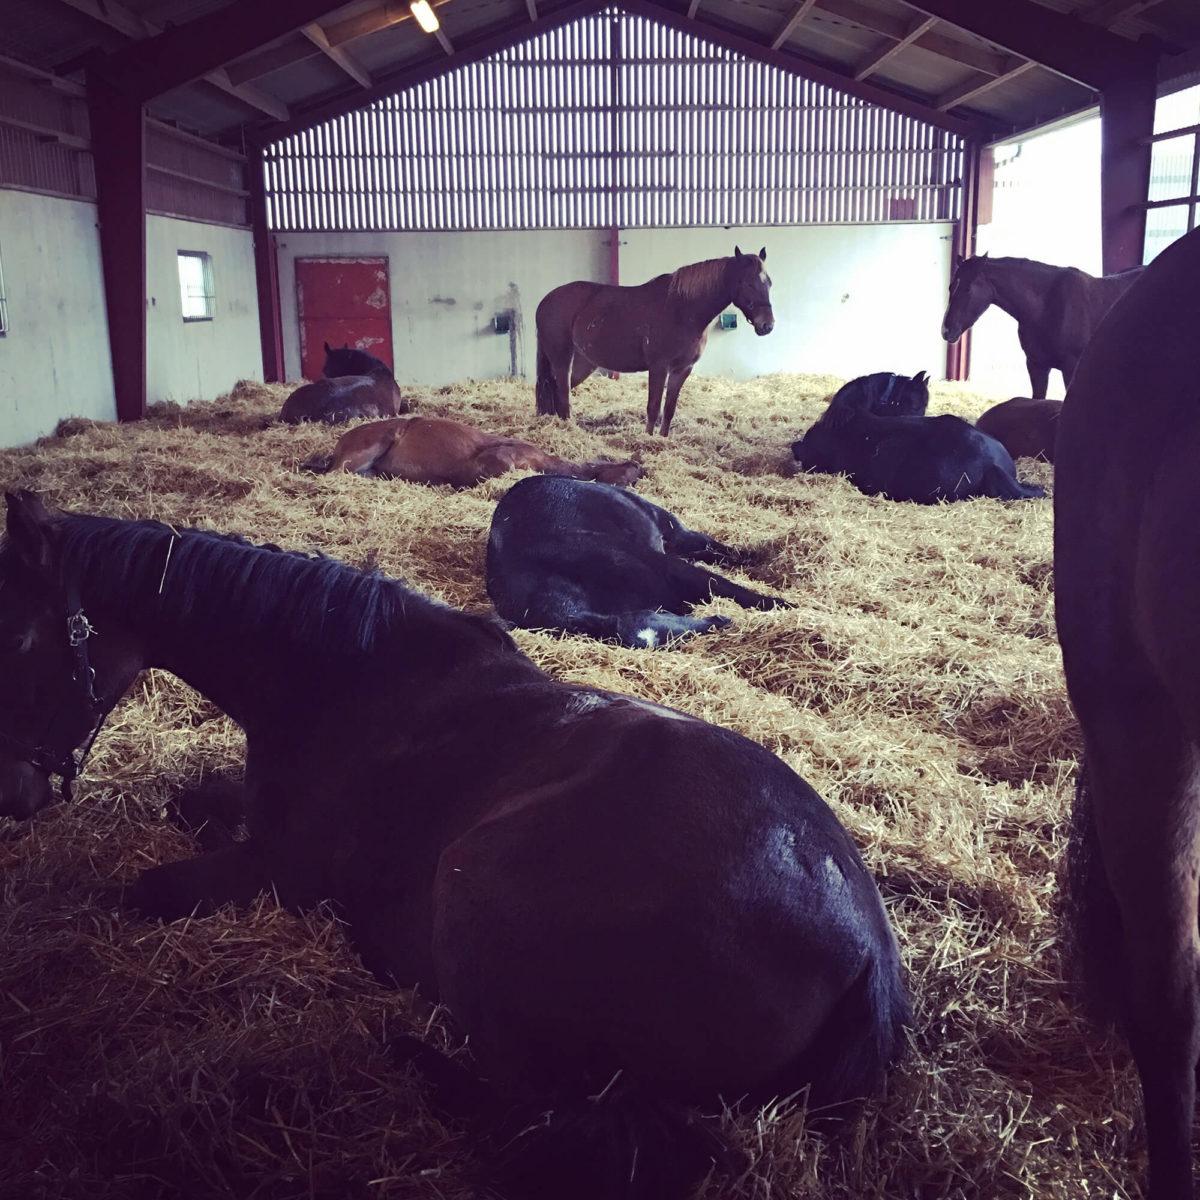 Många hästar ligger inne i stallet i hö